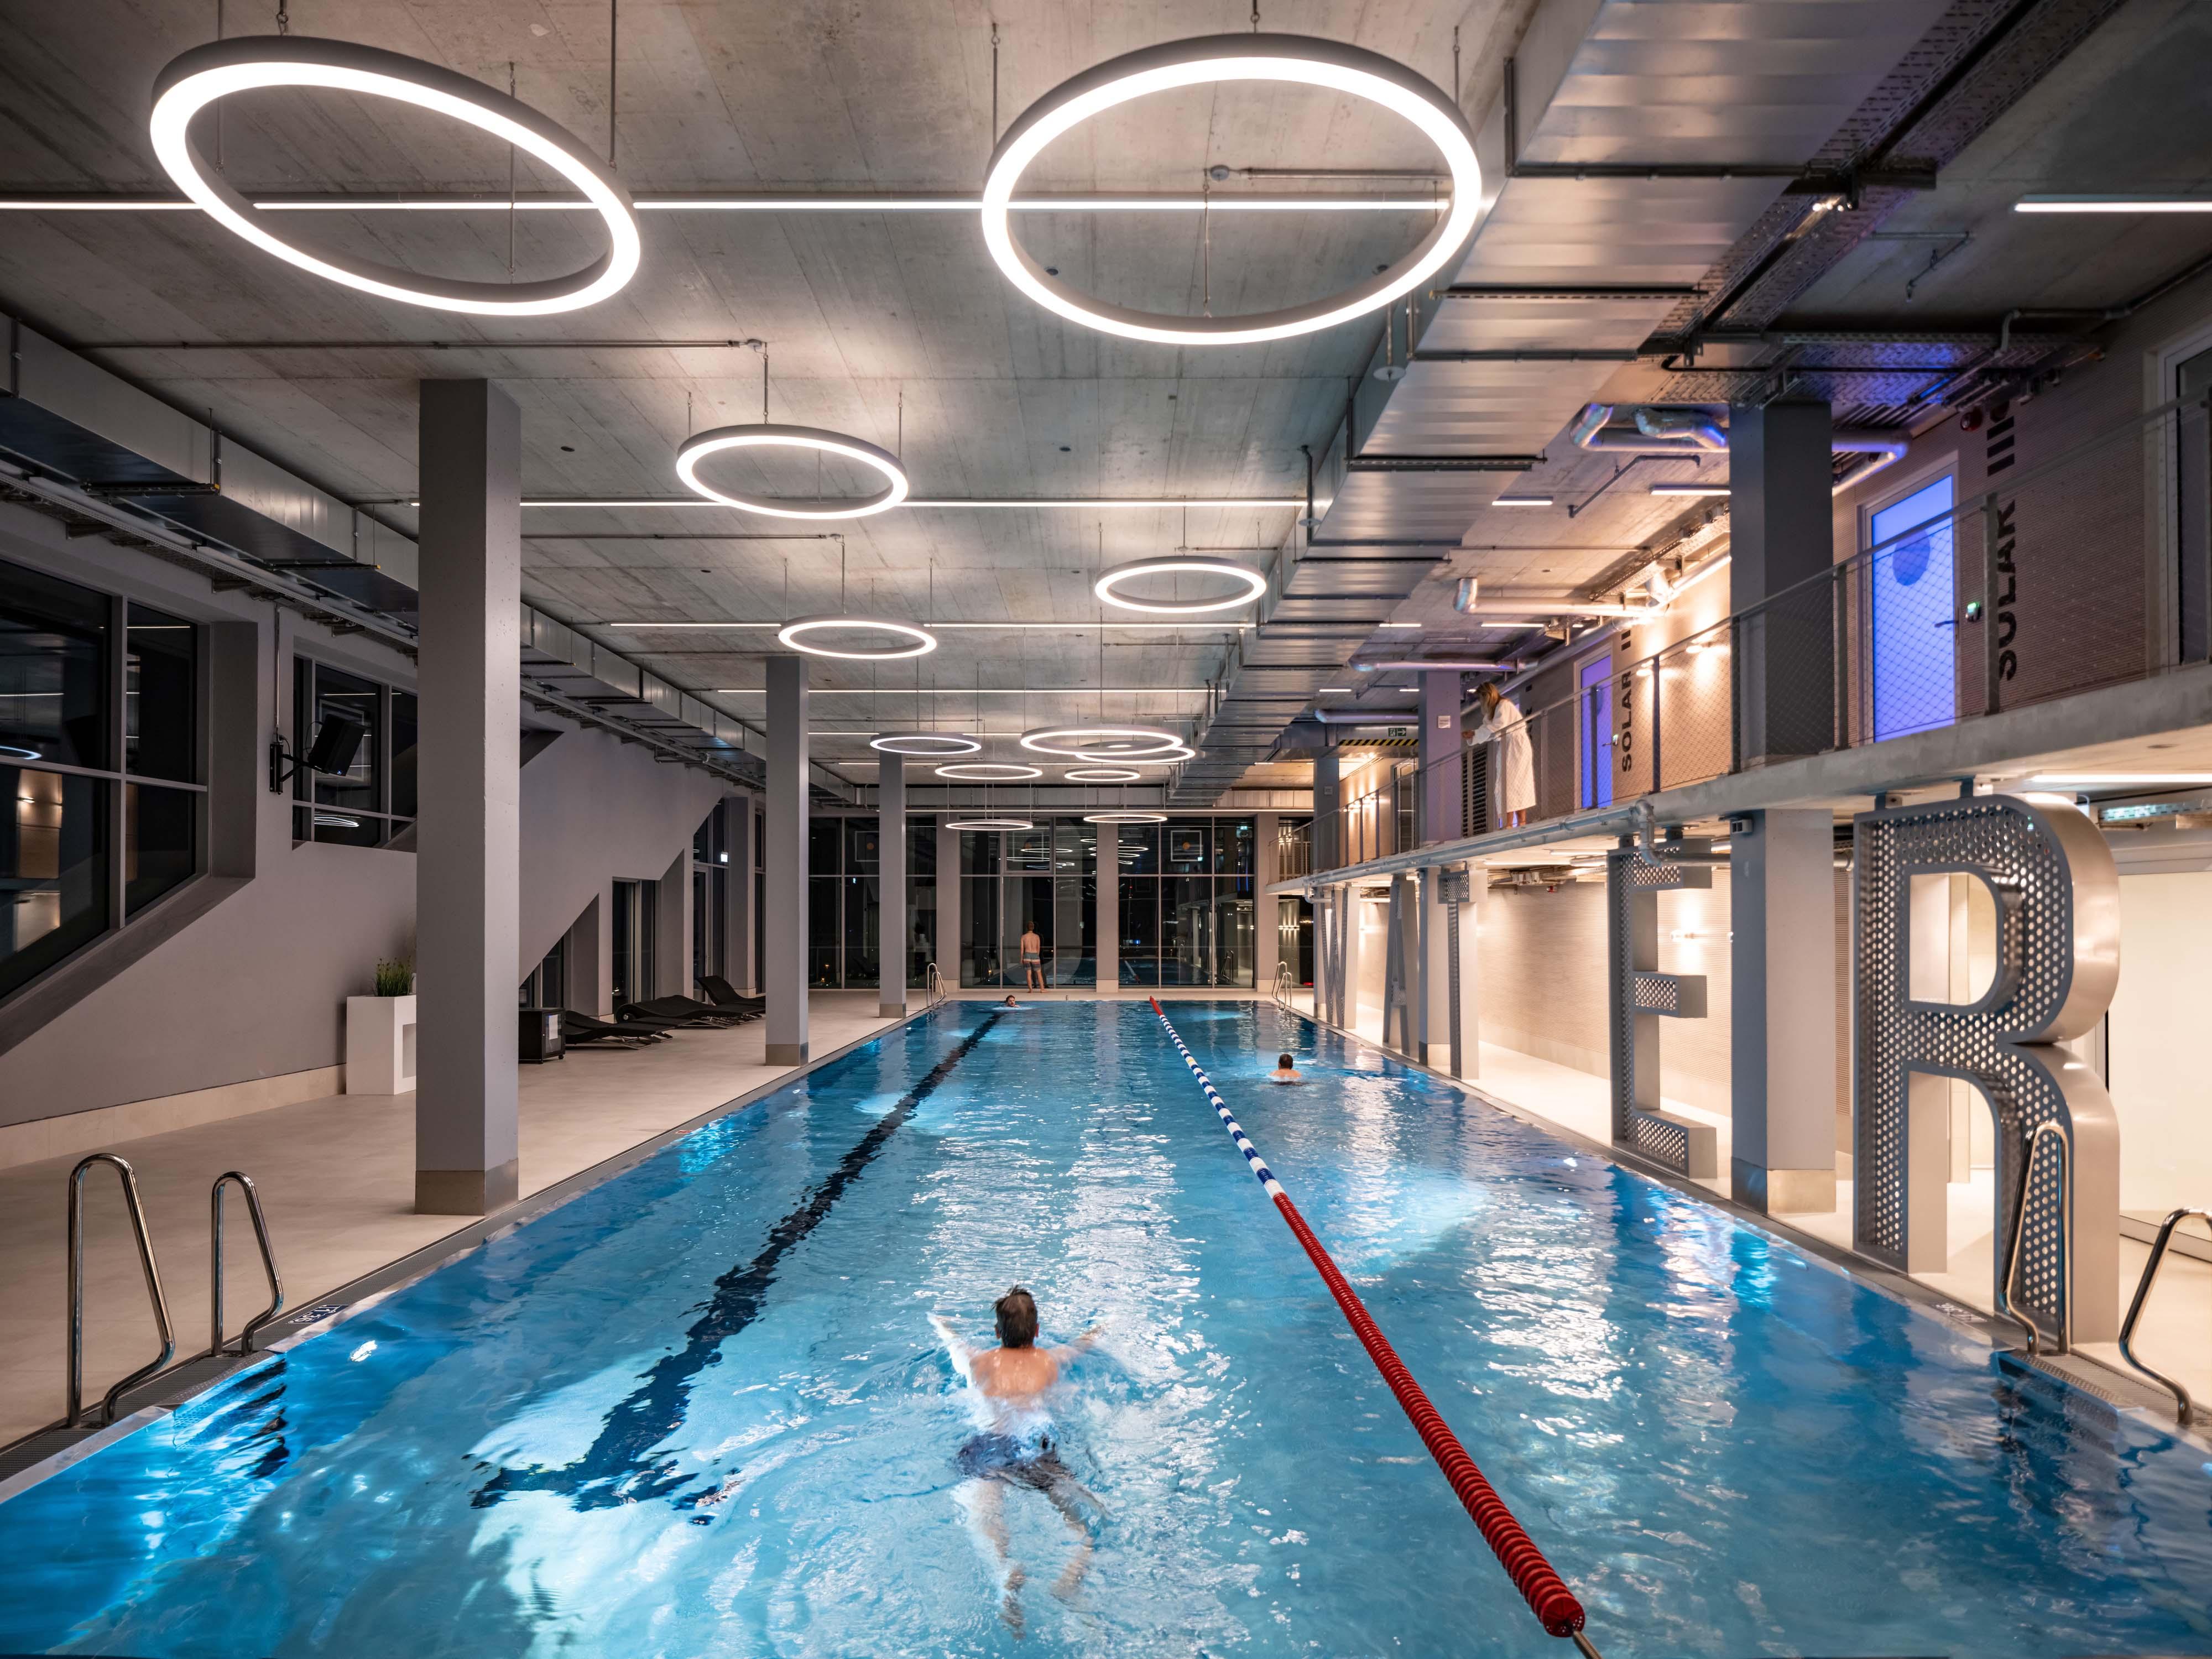 <p>De gehele derde verdieping is gereserveerd voor een zwembad, dat zwemmers uitzicht biedt over de stad beeld Ossip van Duivenbode</p>